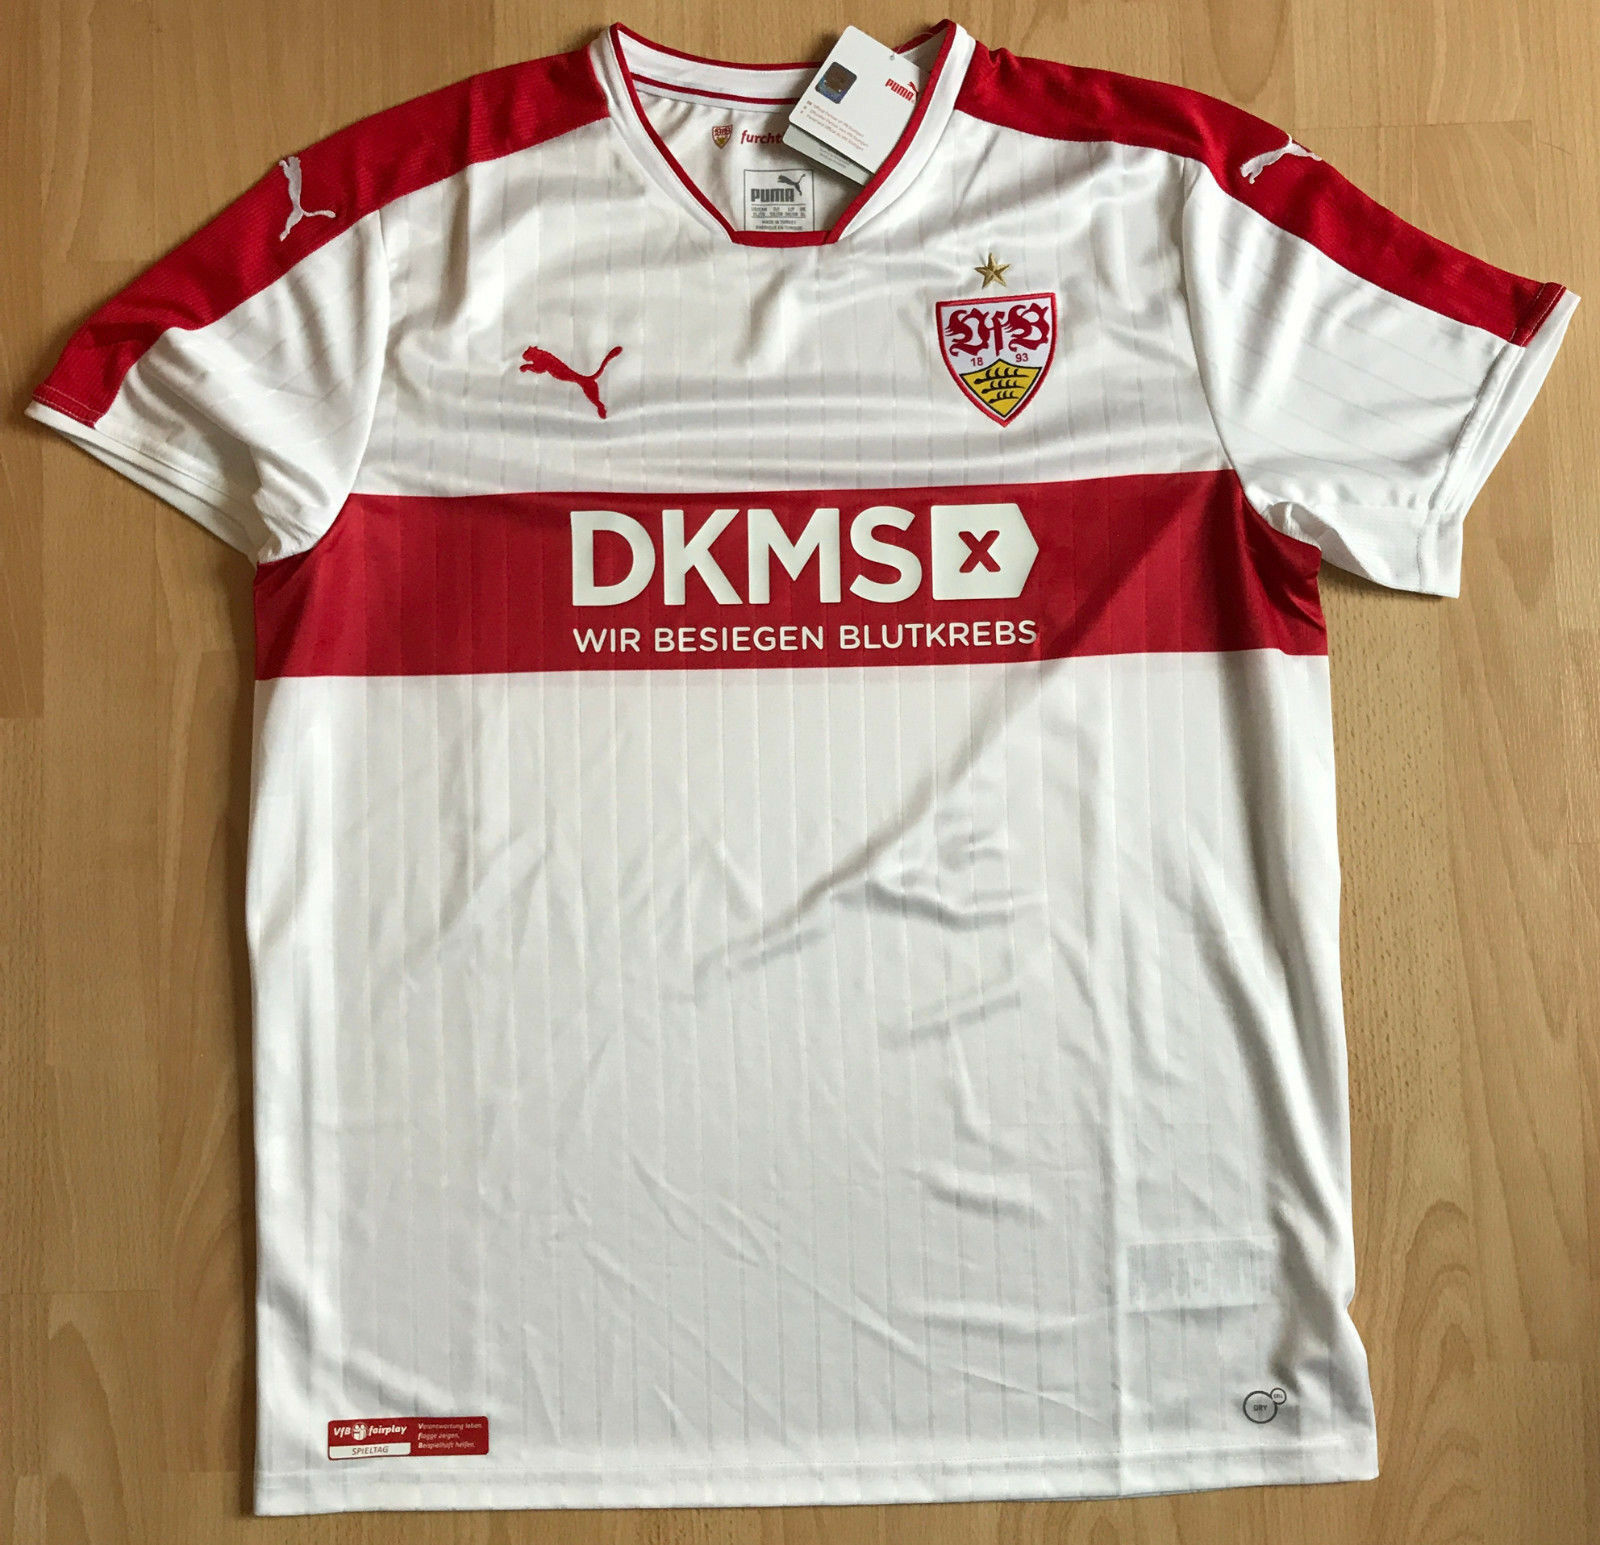 VfB Stuttgart Sondertrikot DKMS Benz, wie Gelb Strom, Mercedes Benz, DKMS Südmilch, UR b1628a